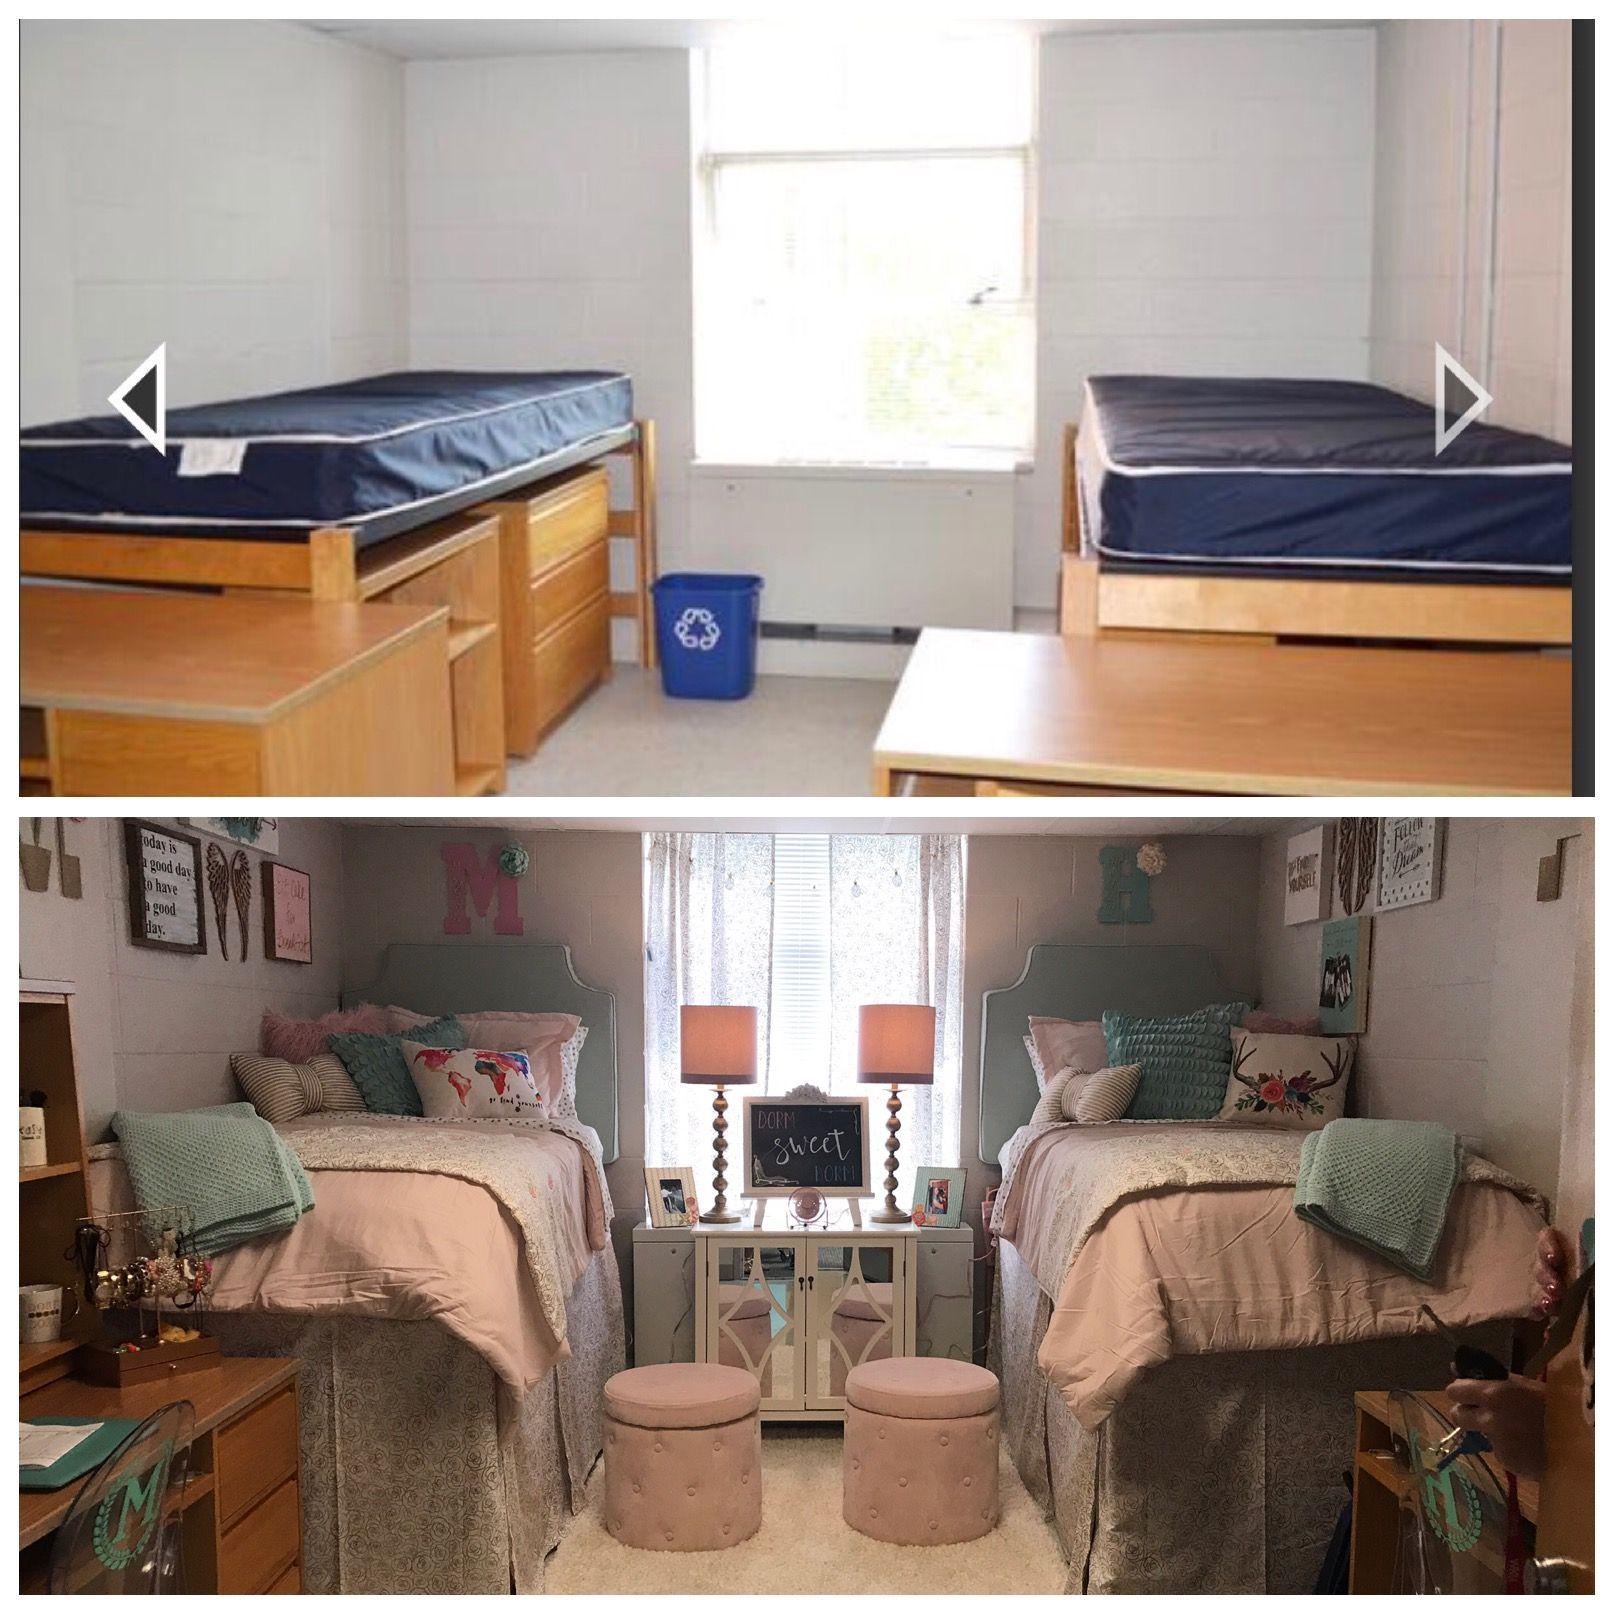 Если придерживаться светлых тонов в оформлении, комната будет смотреться уютнее и свободнее